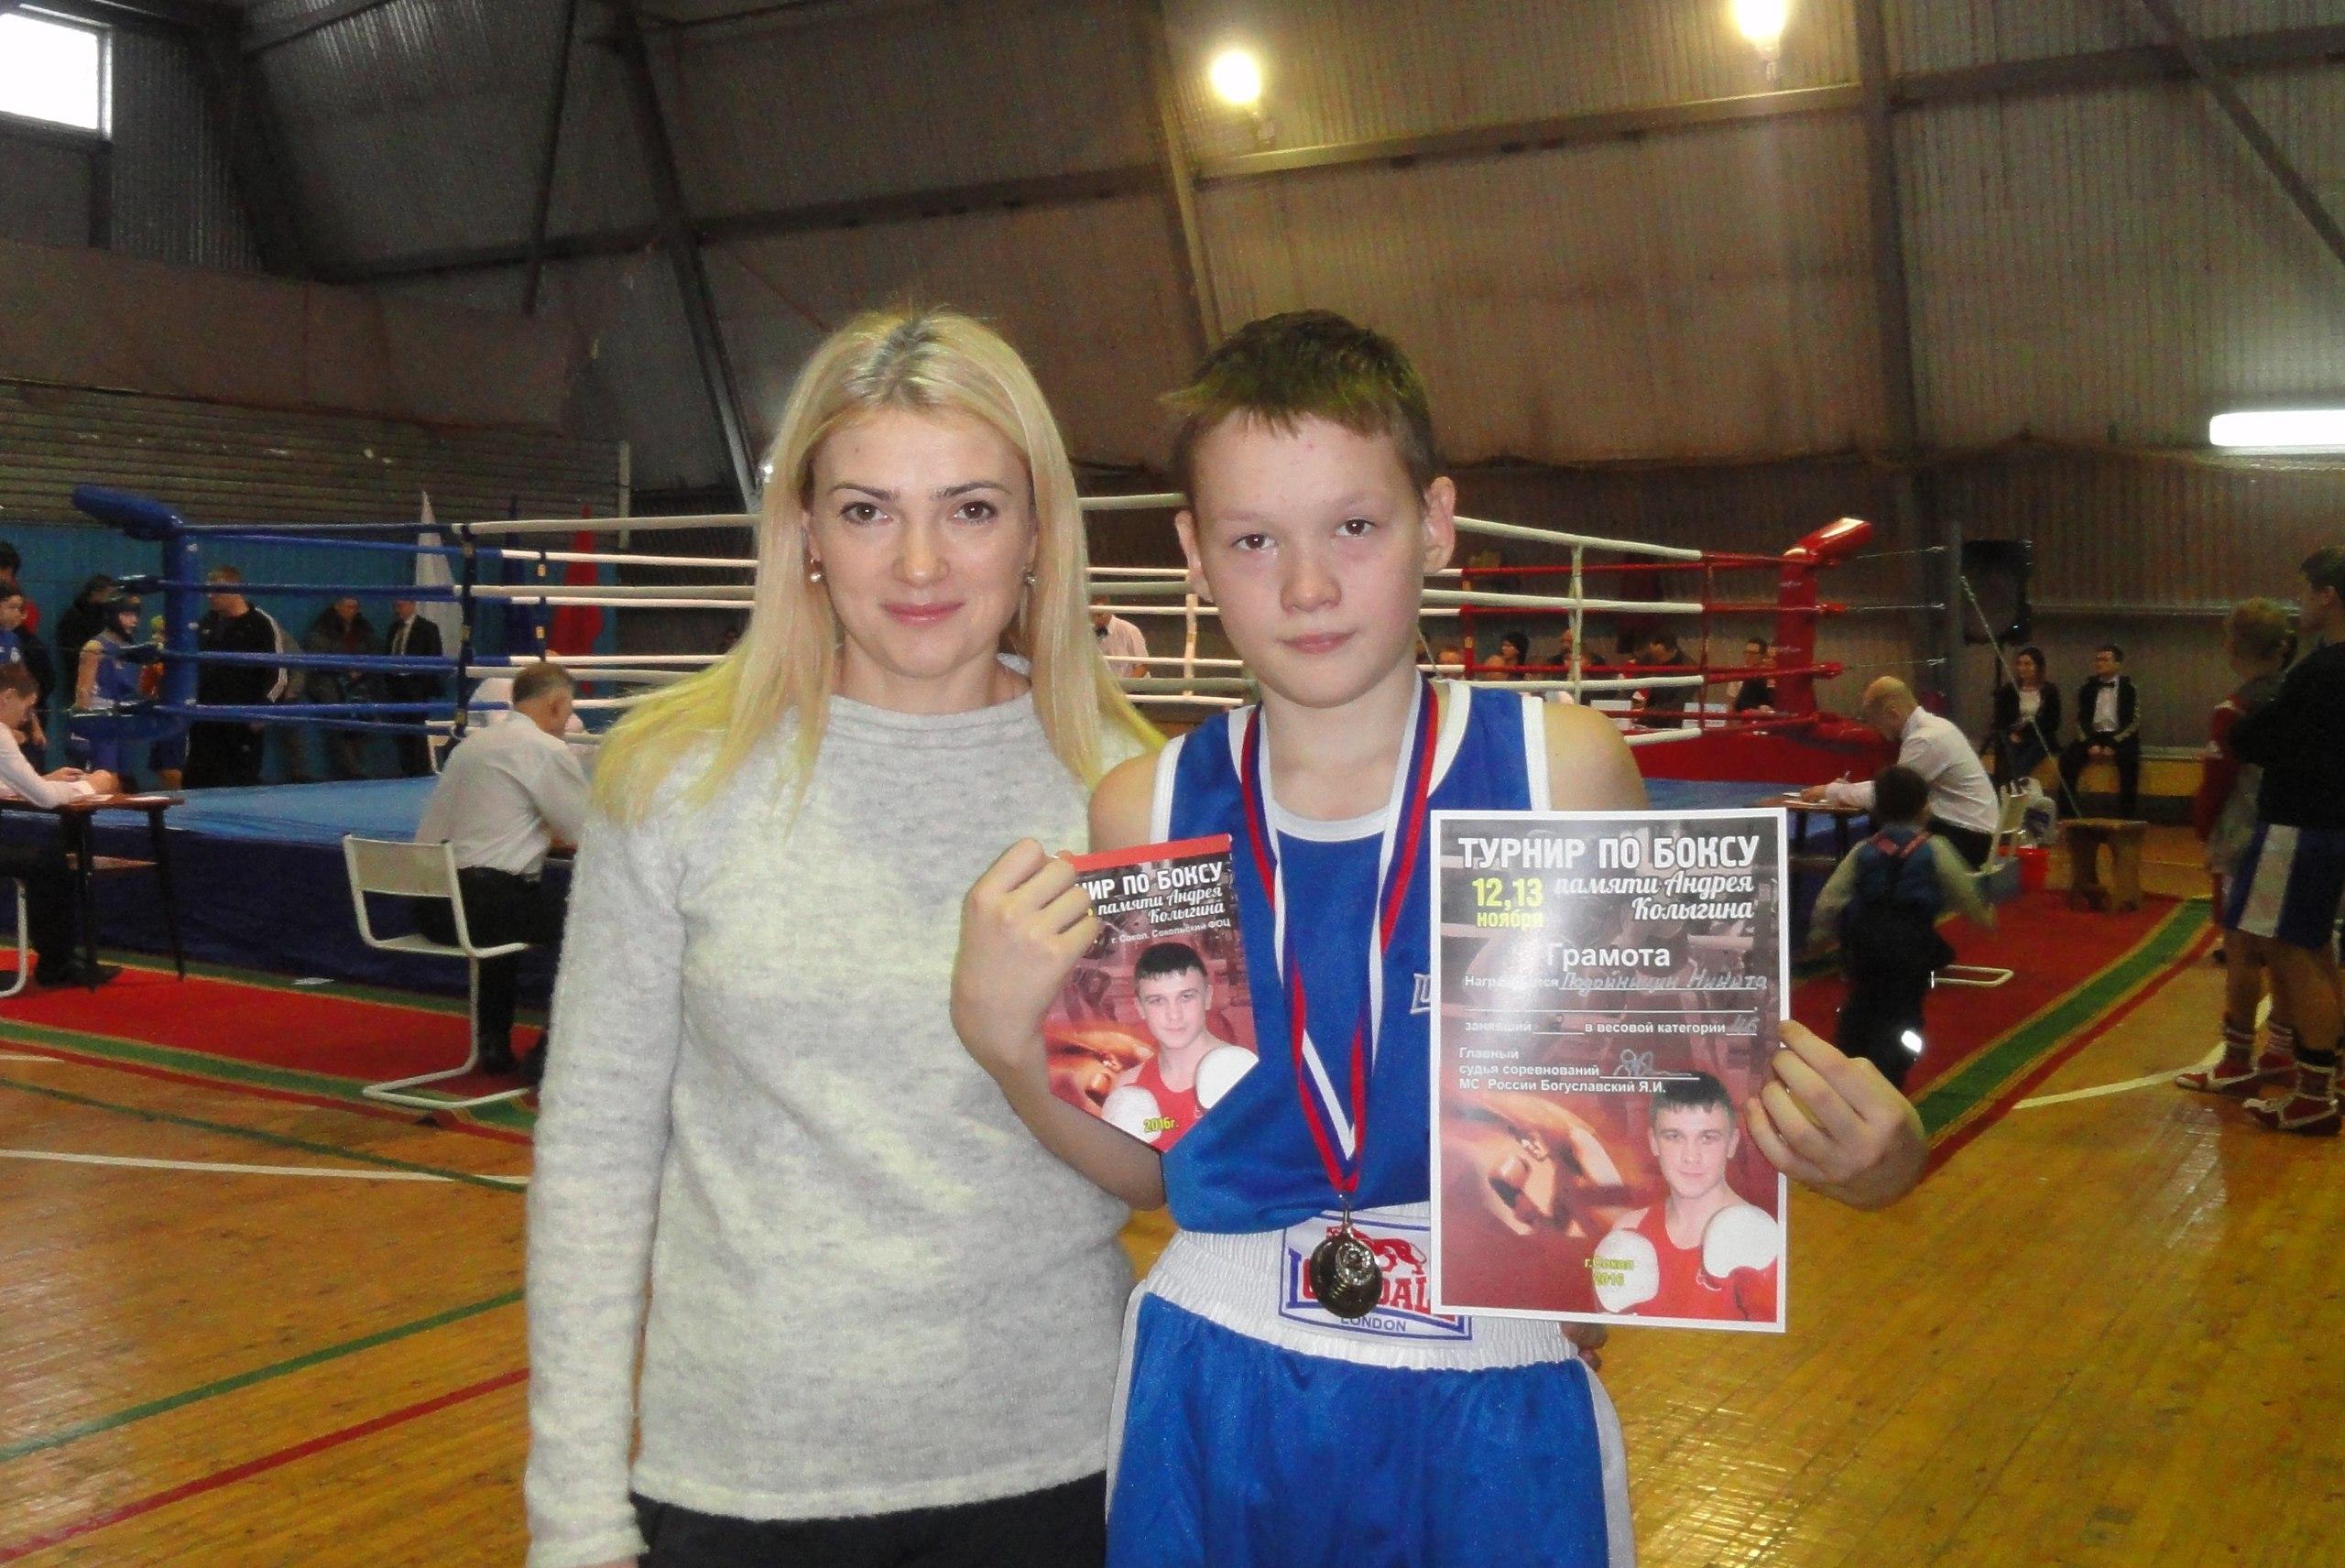 Традиционный турнир по боксу, посвященный памяти Андрея Колыгина _2